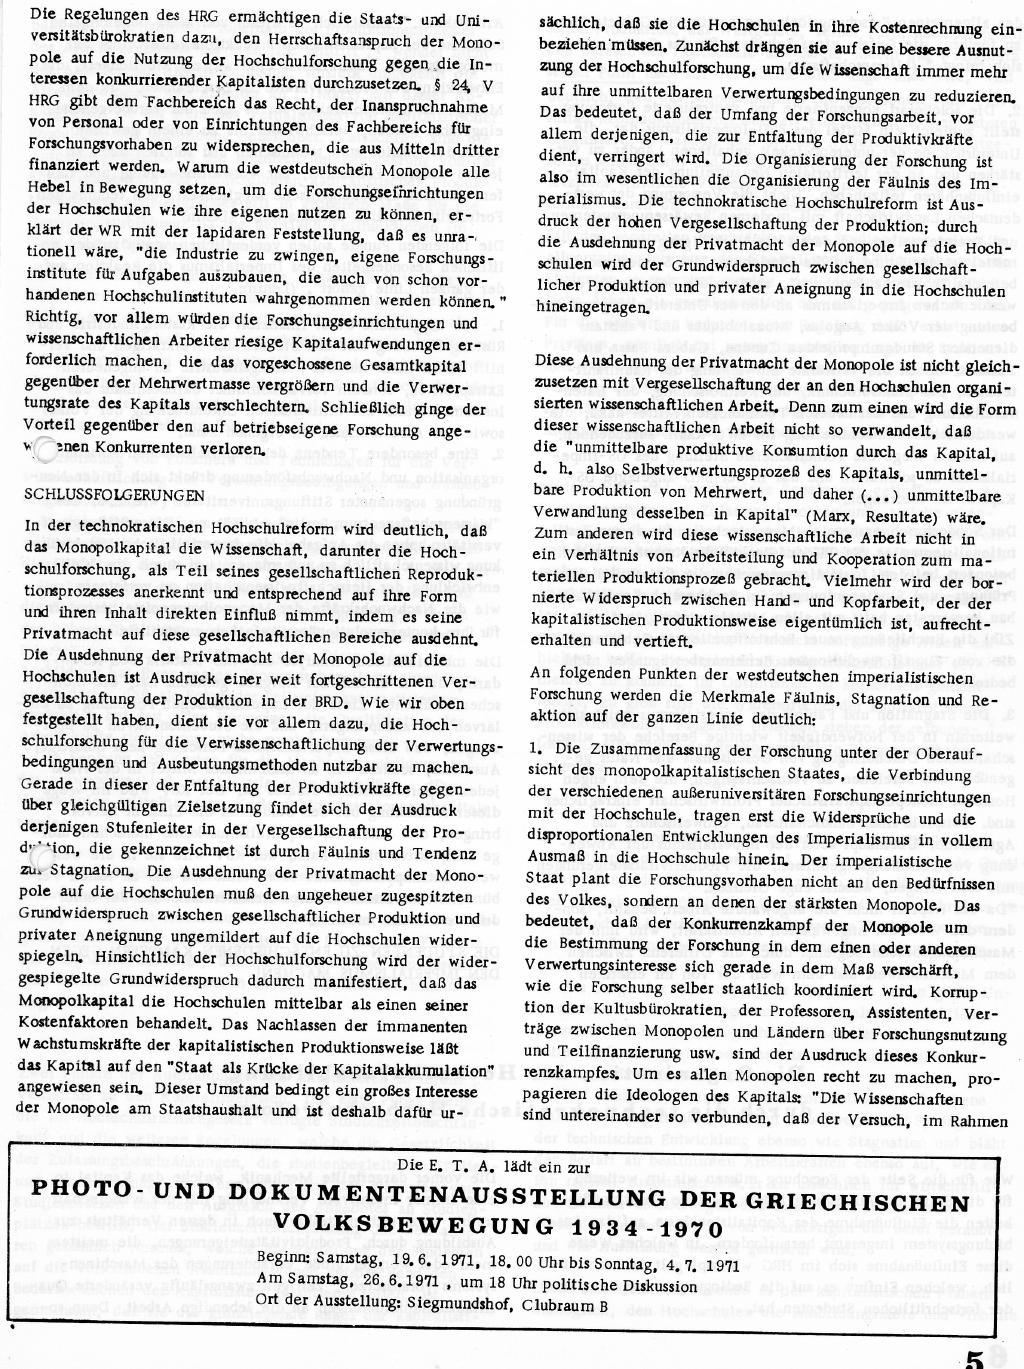 RPK_1971_120_05